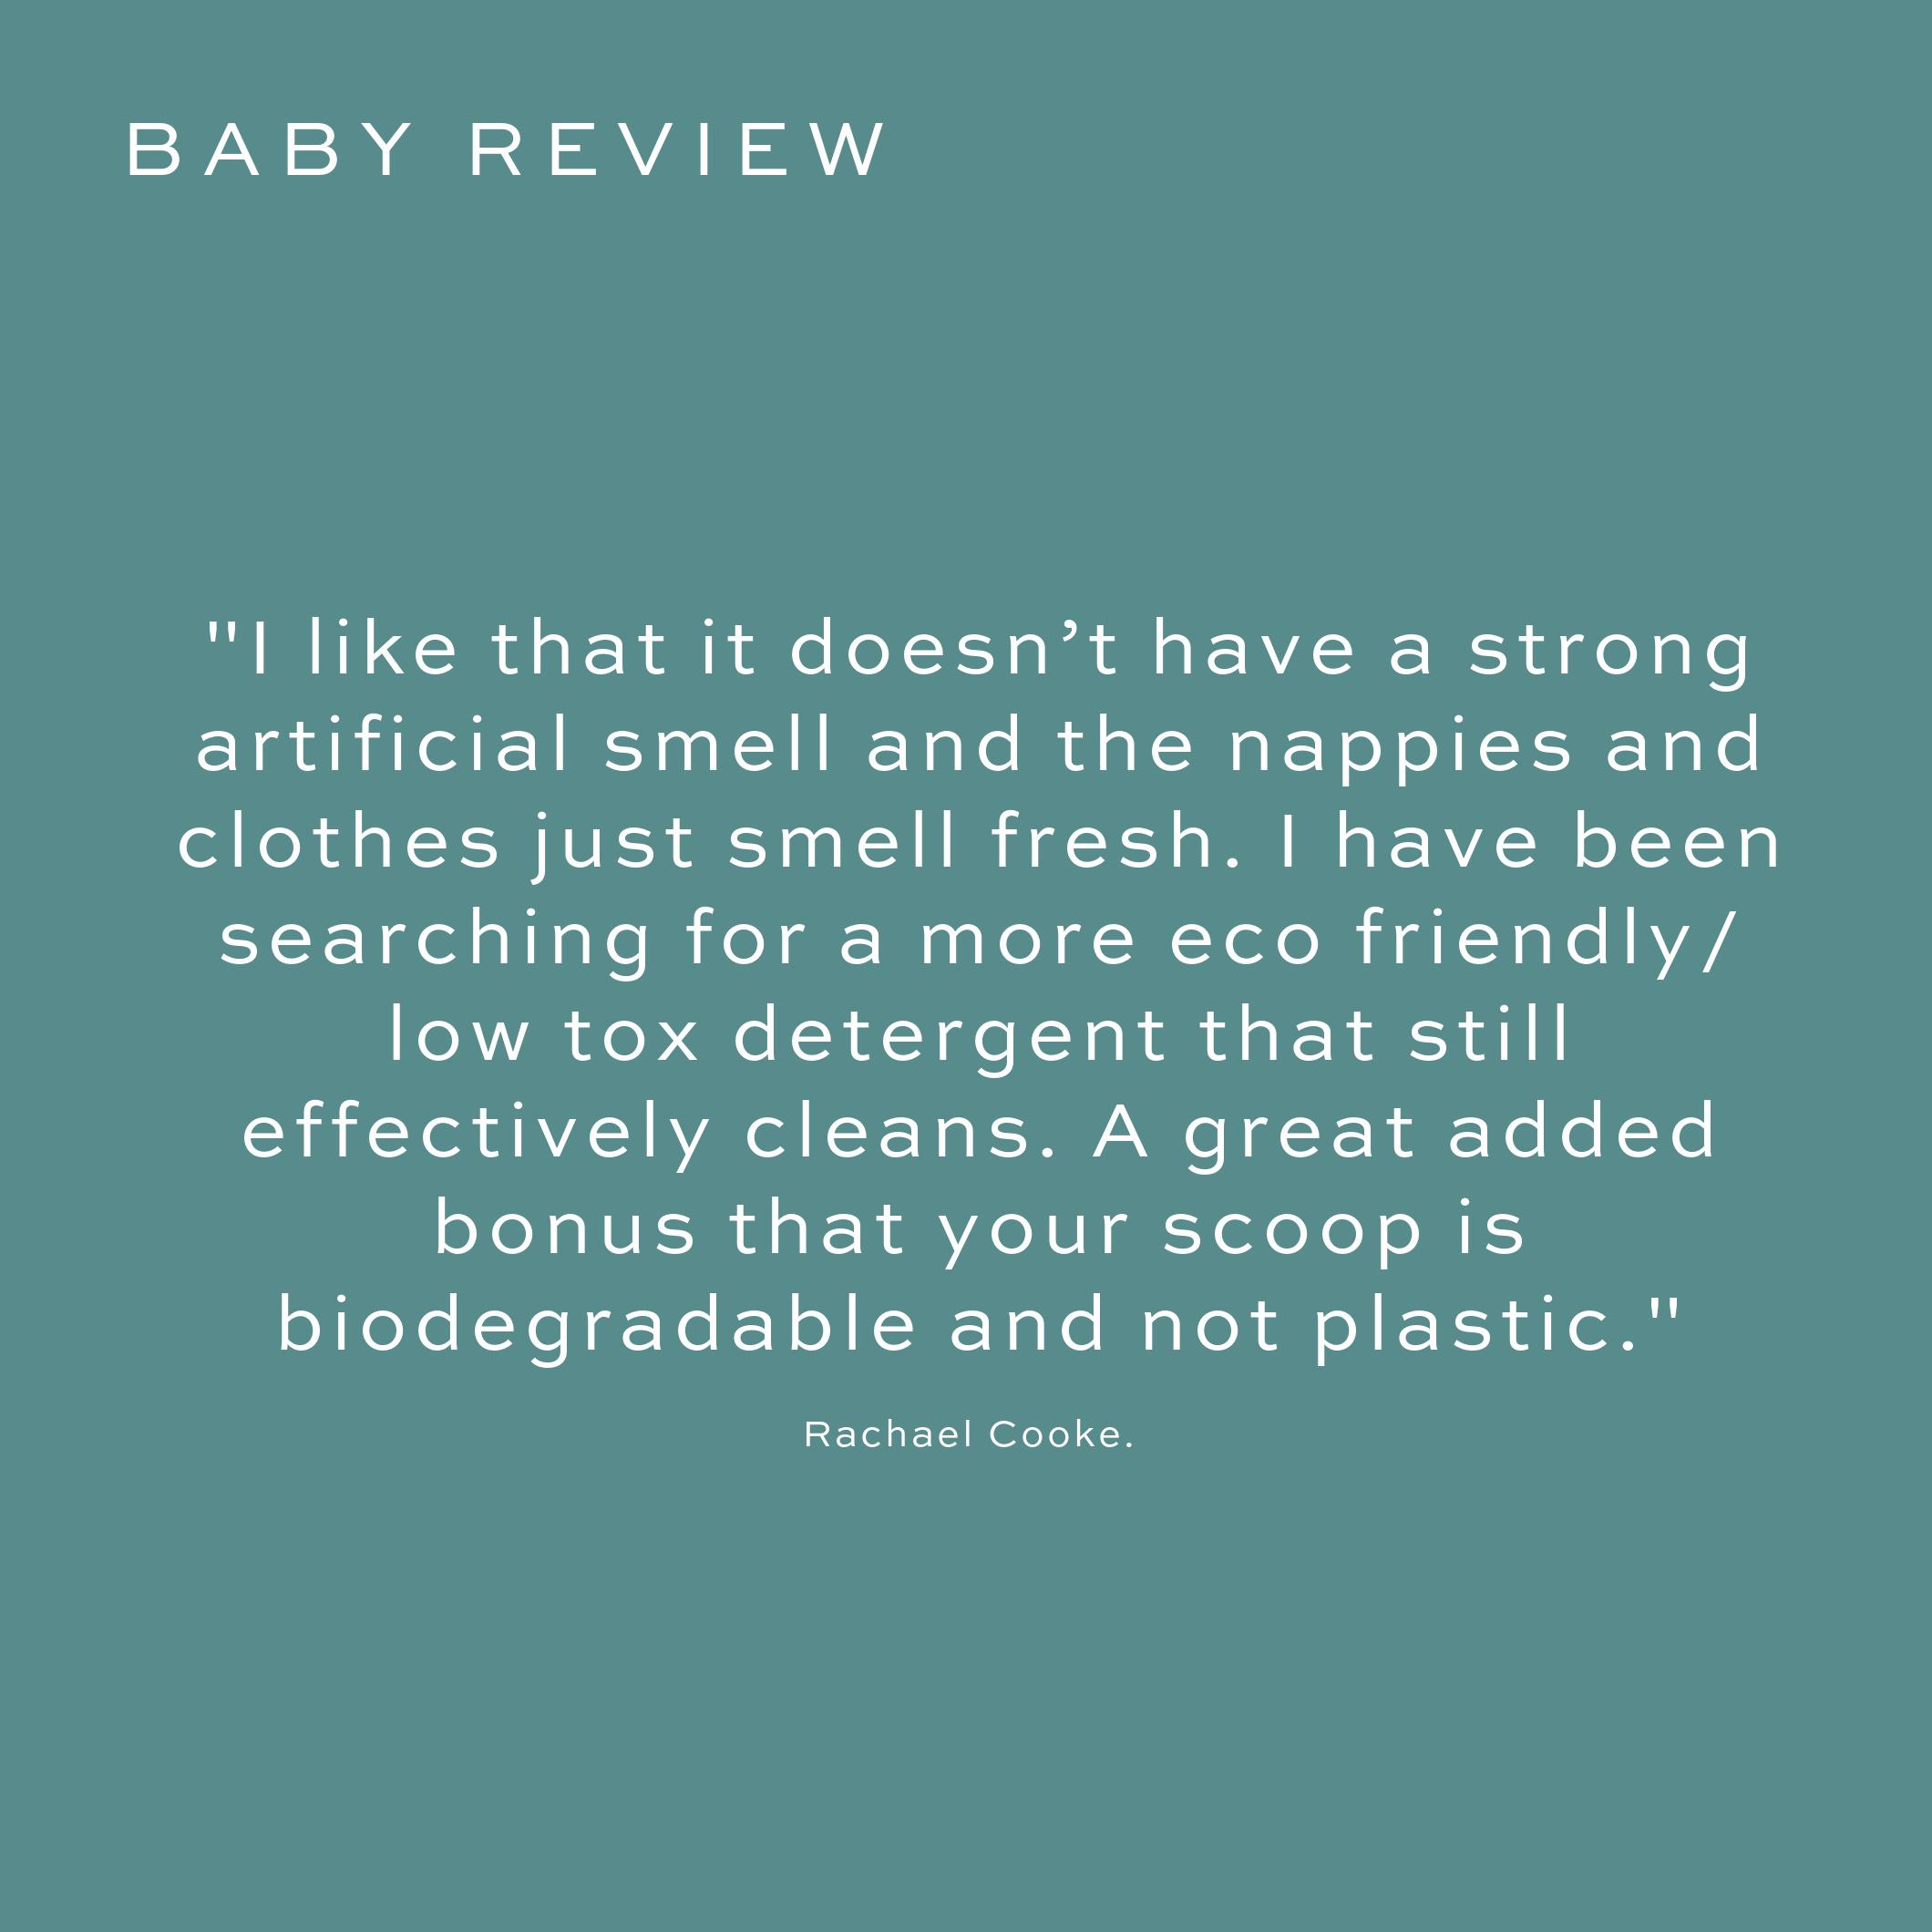 b clean co Reviews – rachael cooke